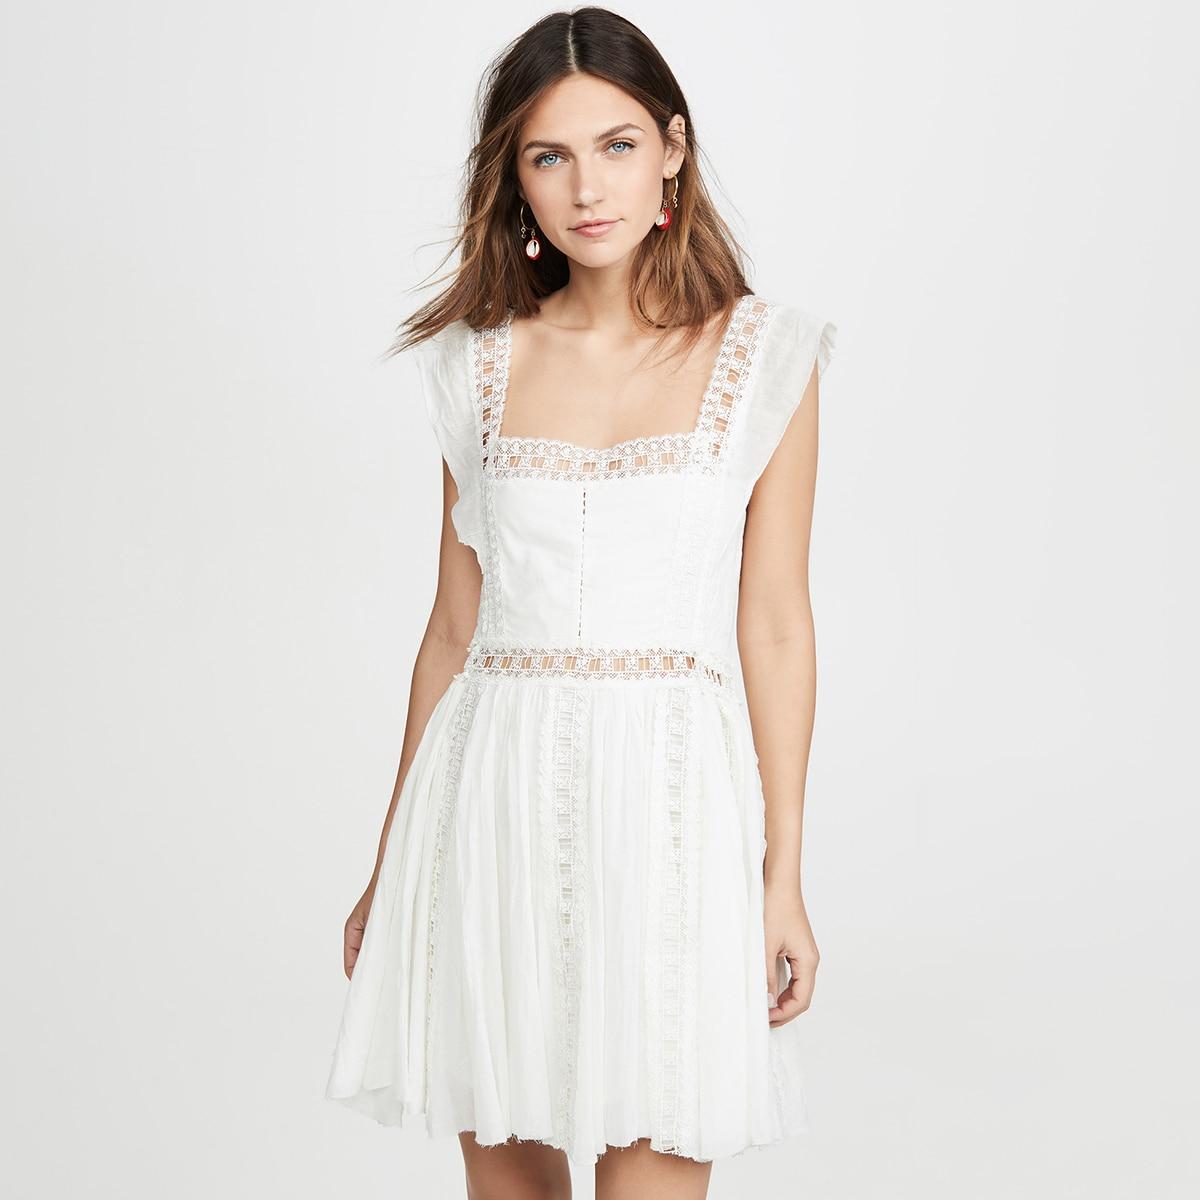 Été 2019 nouvelle Mini robe dentelle bord épissage décoratif col carré sans manches Mini robe Mini robe femmes